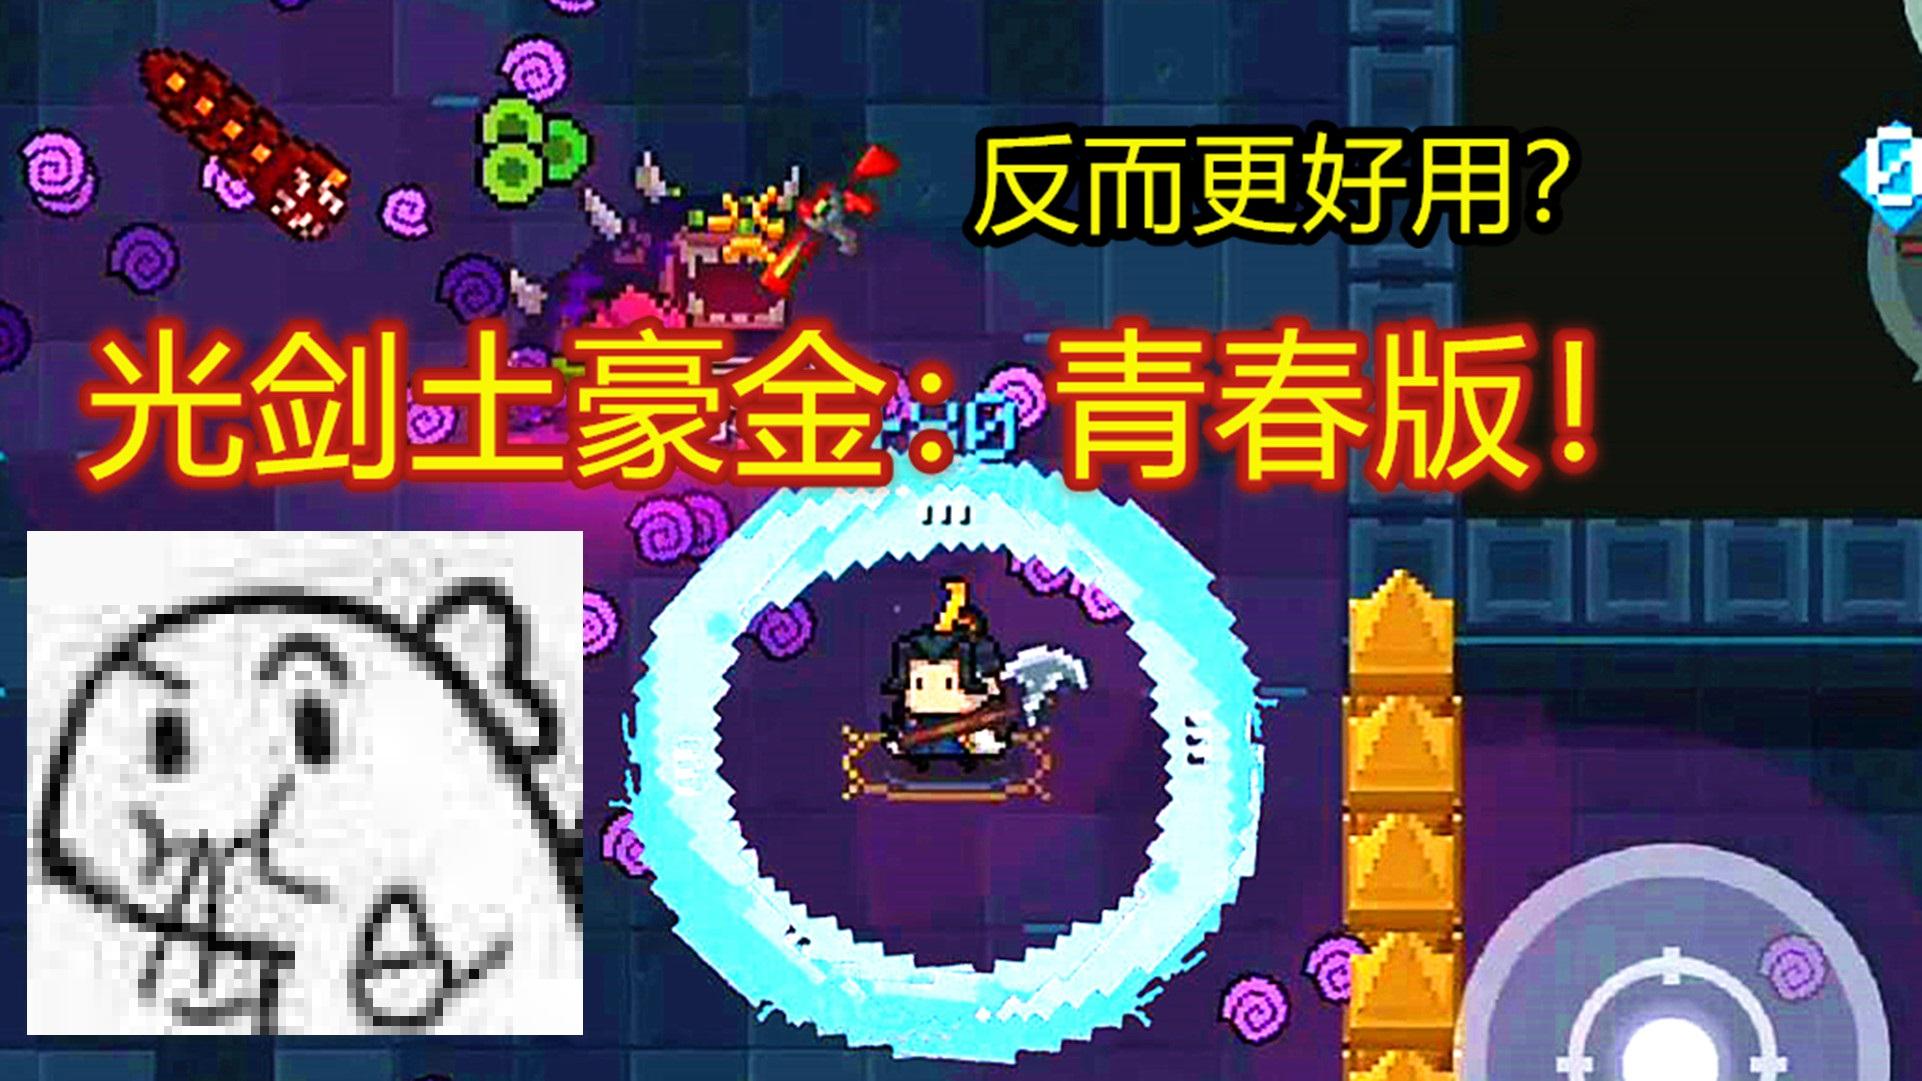 【呱】元气骑士光剑土豪金二代!土豪金青春版!硬钢毒狗!